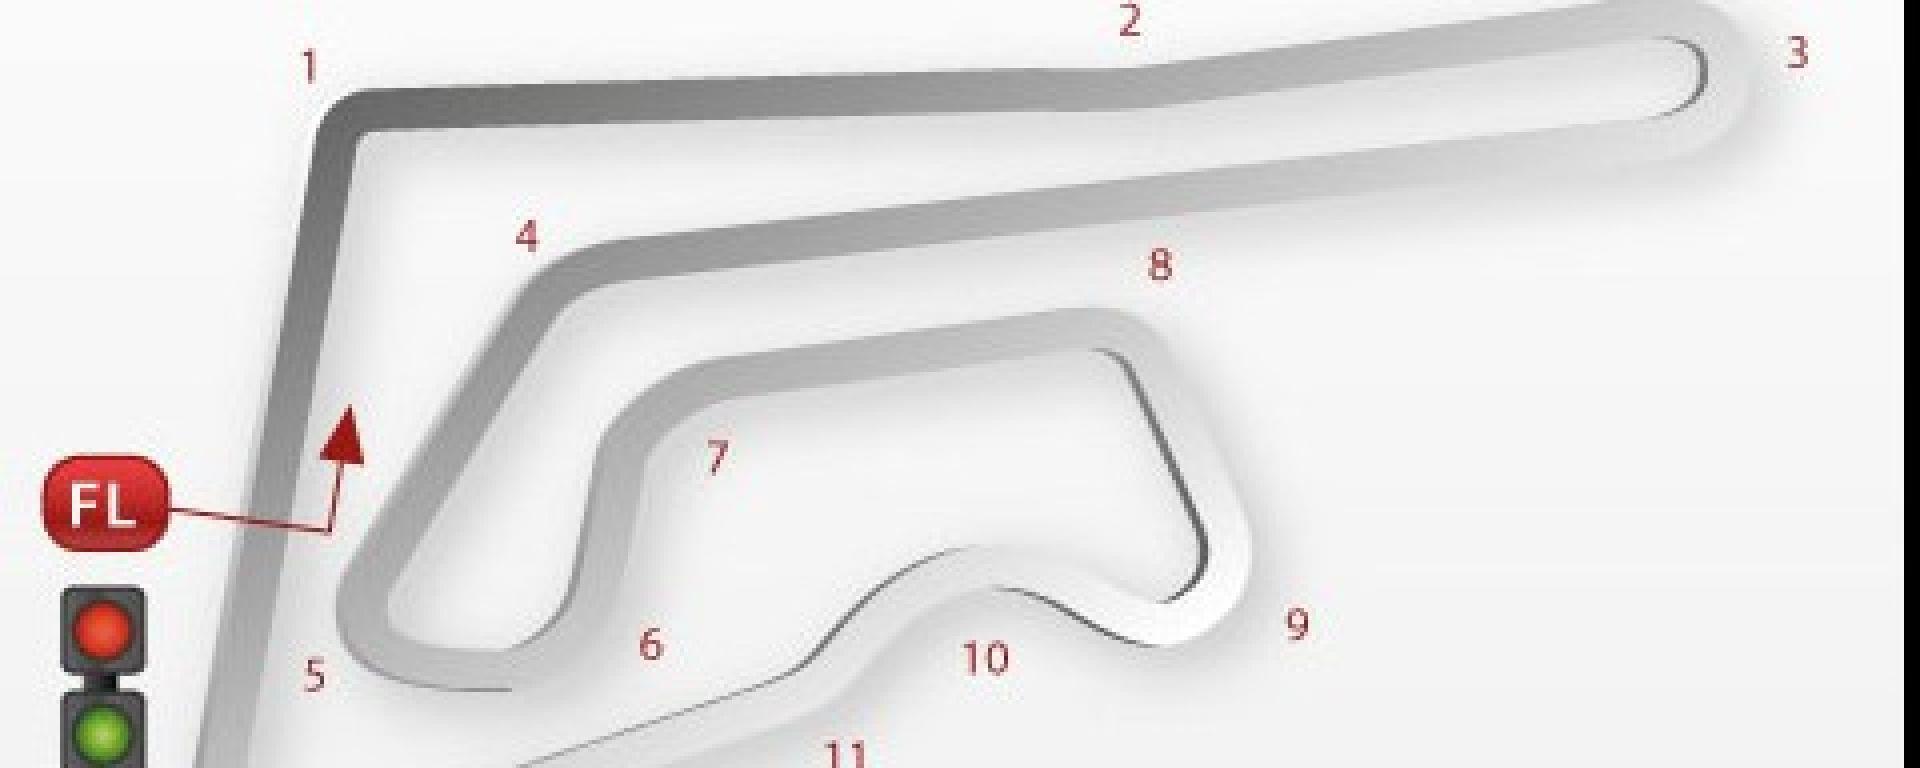 Gran Premio della Thailandia: info e risultati